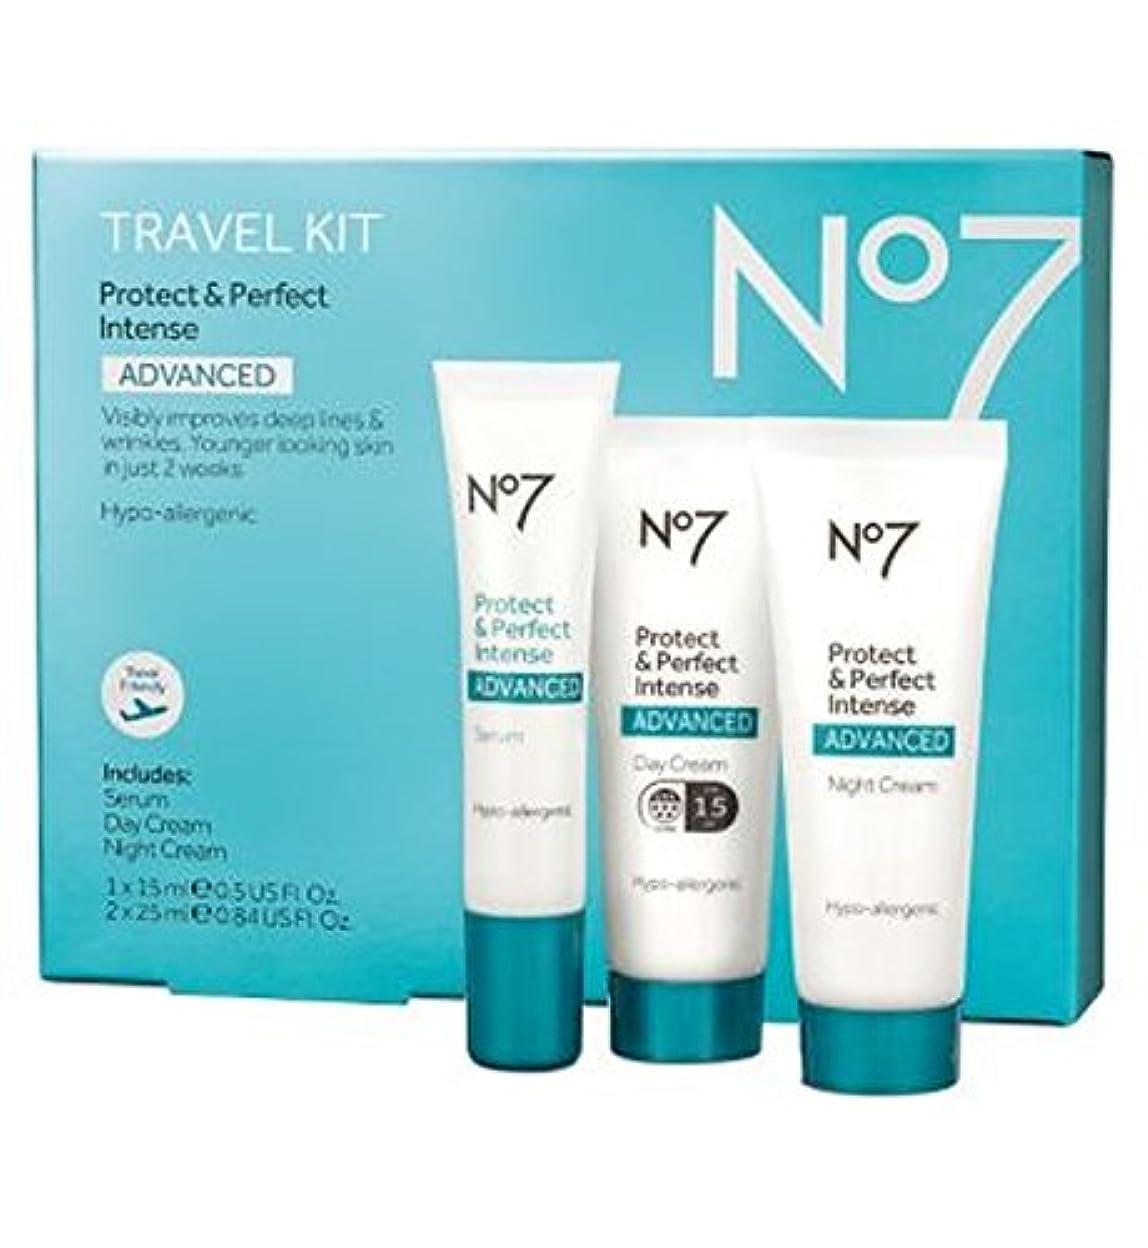 No7 Protect & Perfect Intense ADVANCED Travel Kit - No7保護&完璧な強烈な高度な旅行キット (No7) [並行輸入品]